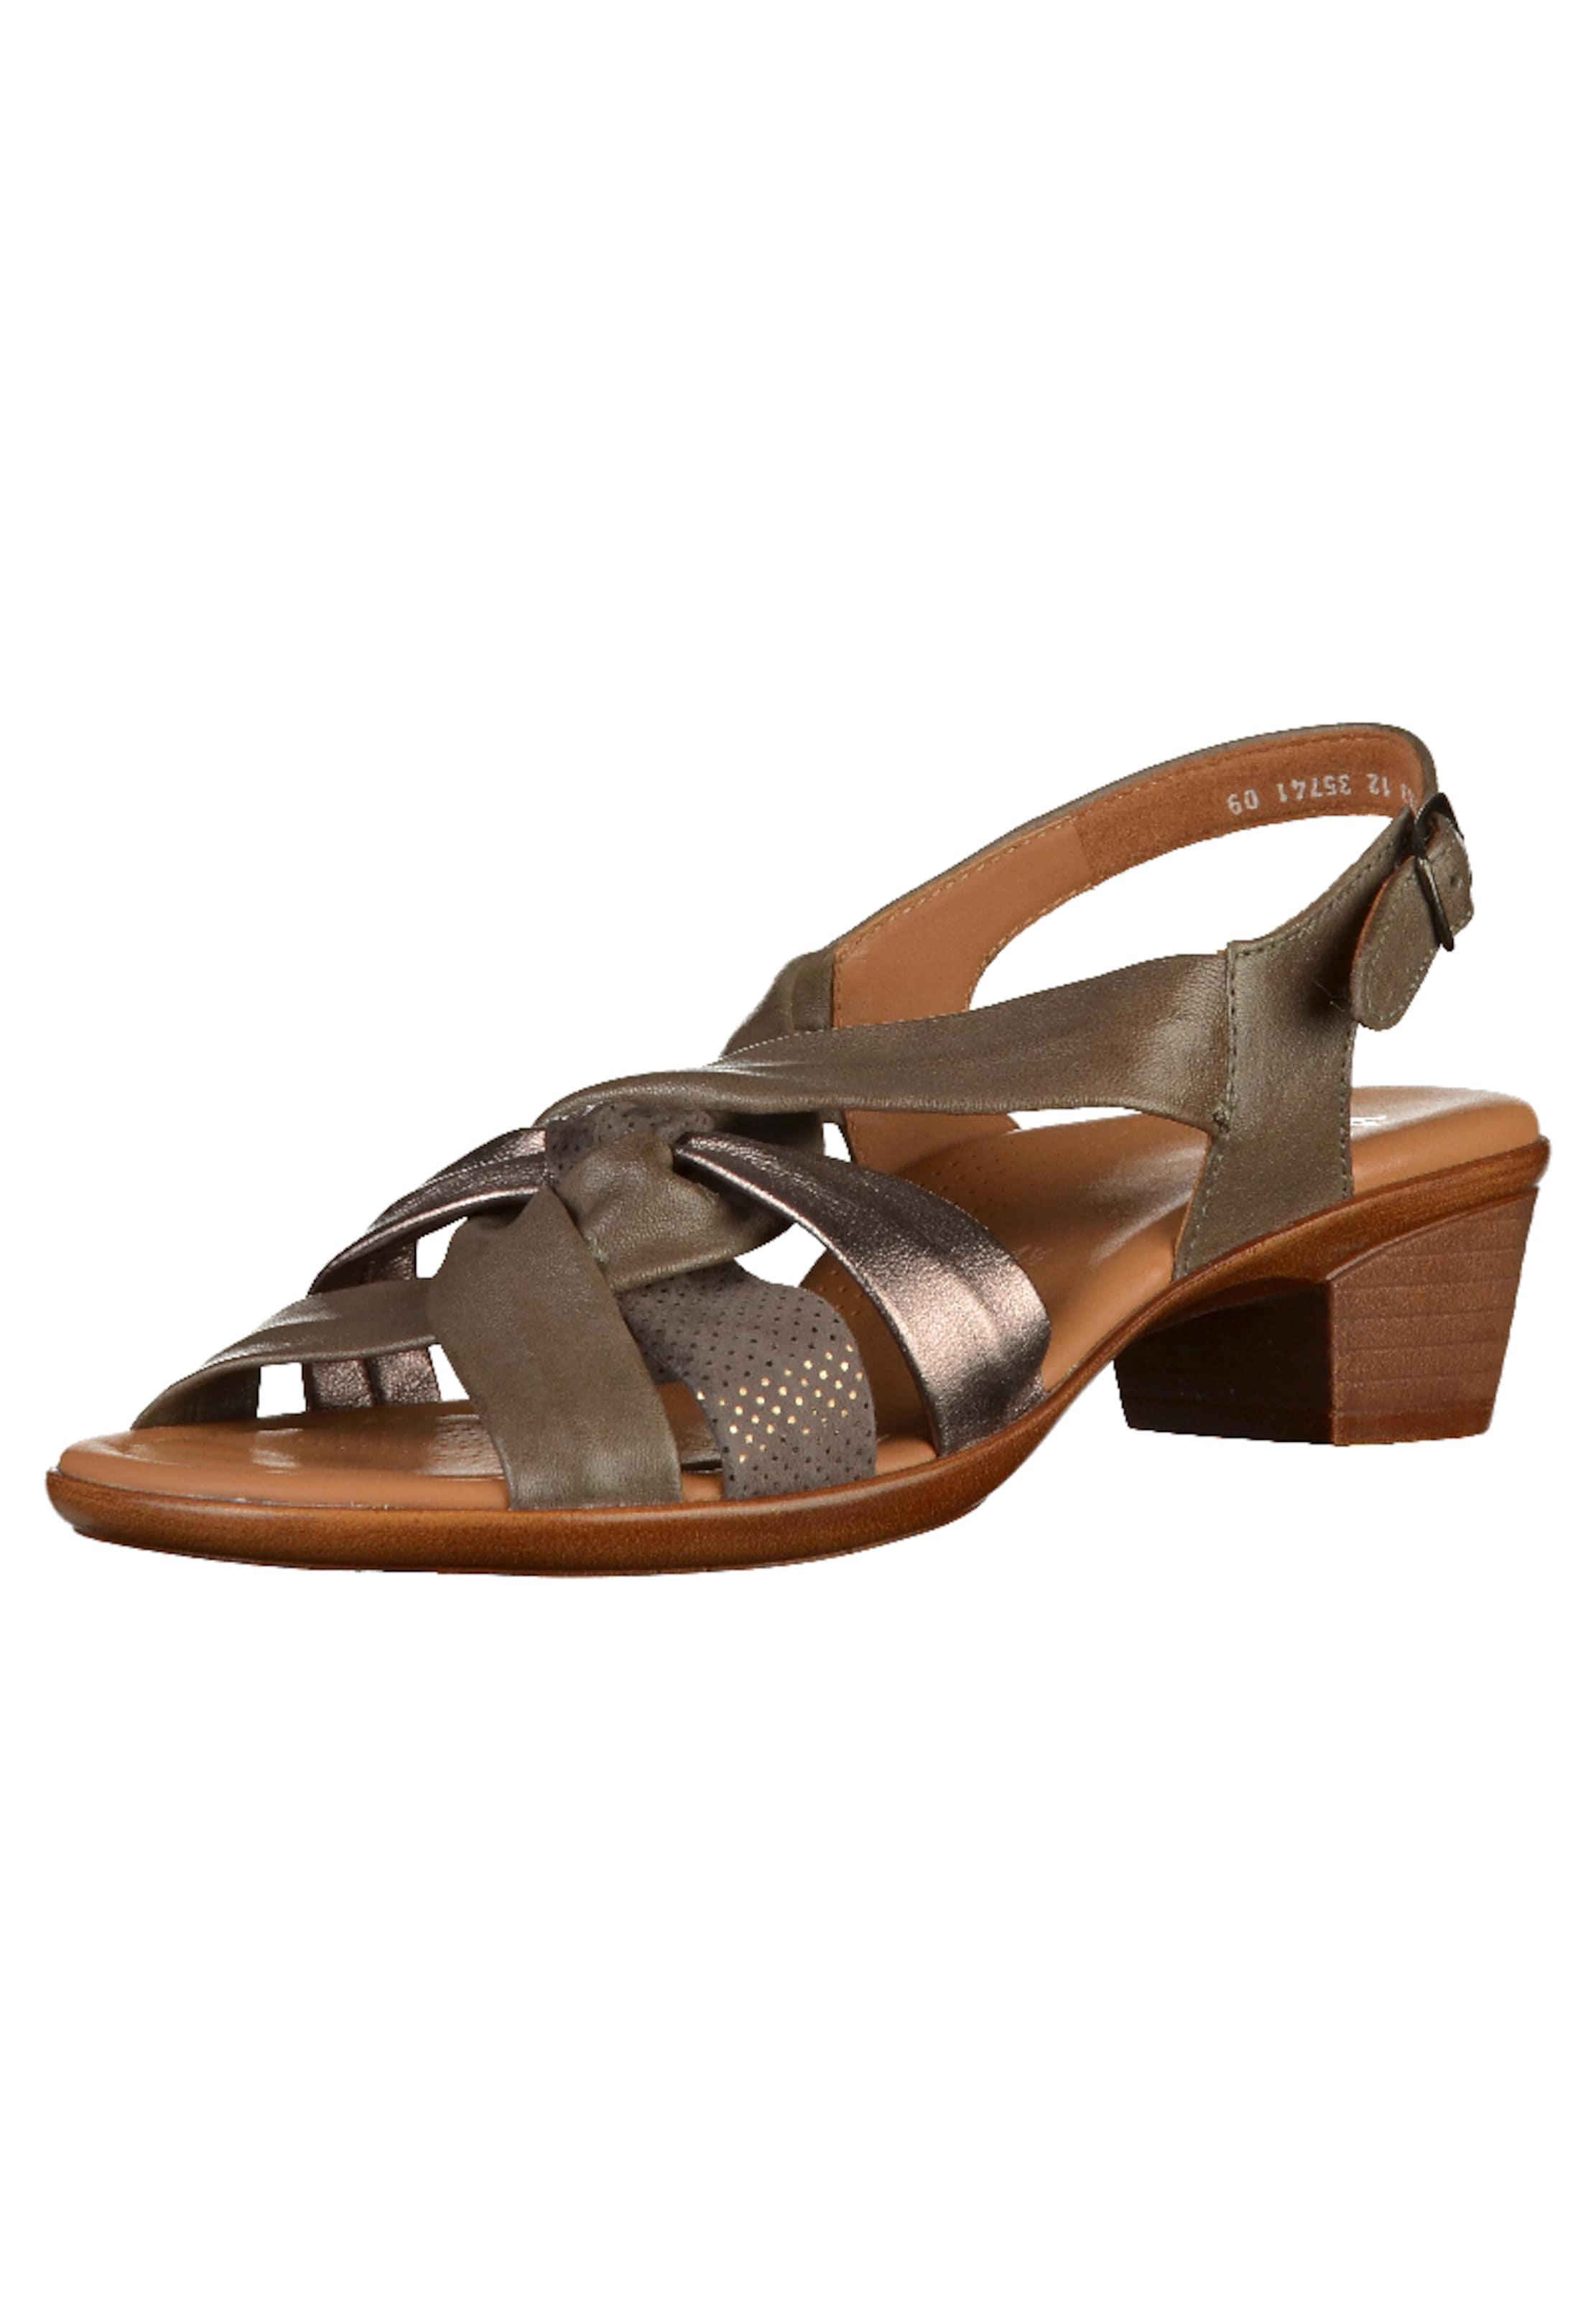 ARA Sandalen Verschleißfeste billige Schuhe Hohe Qualität